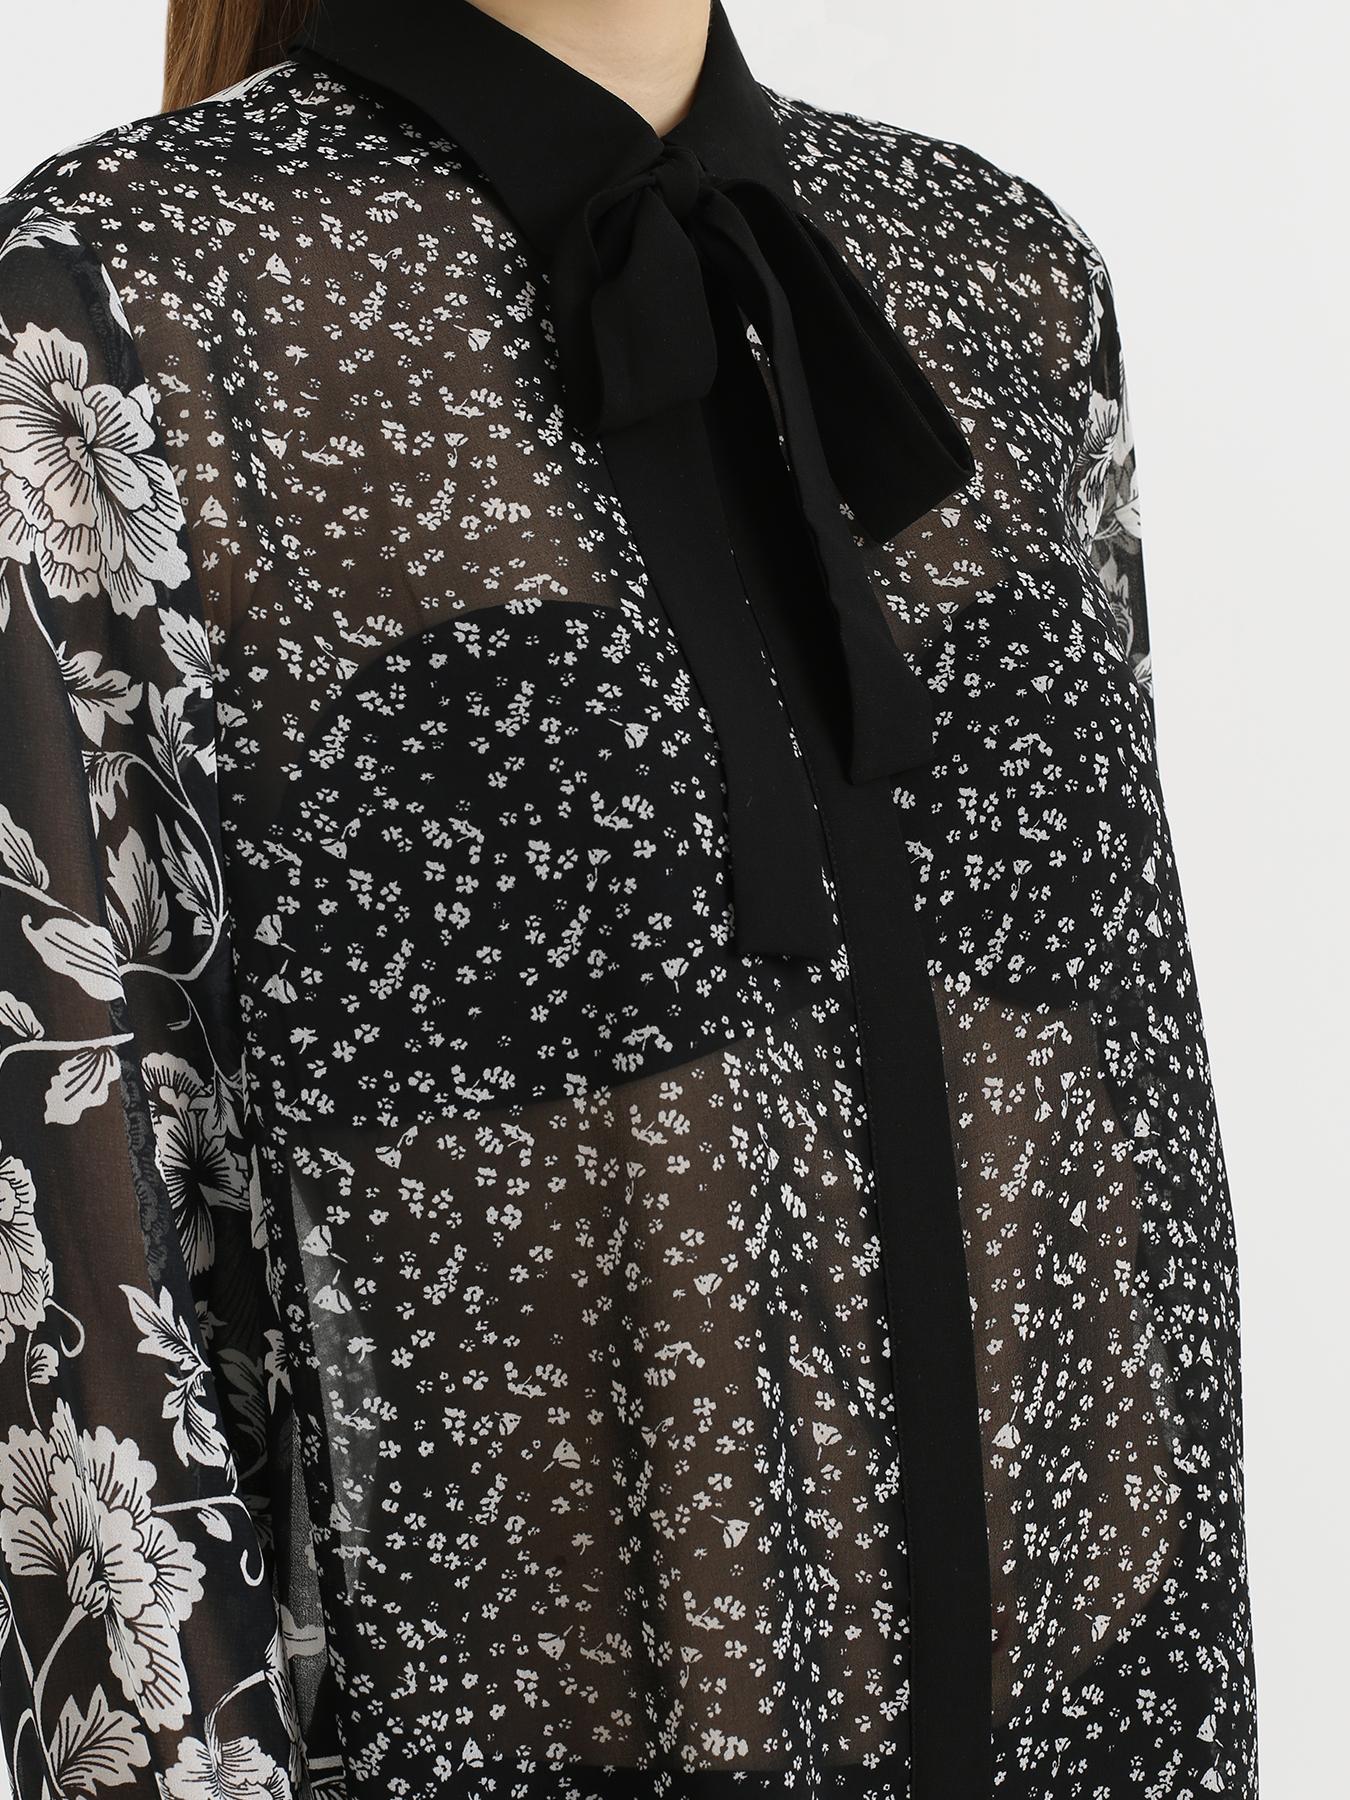 Le Coeur Блузка с цветочными узорами 322827-043 Фото 3